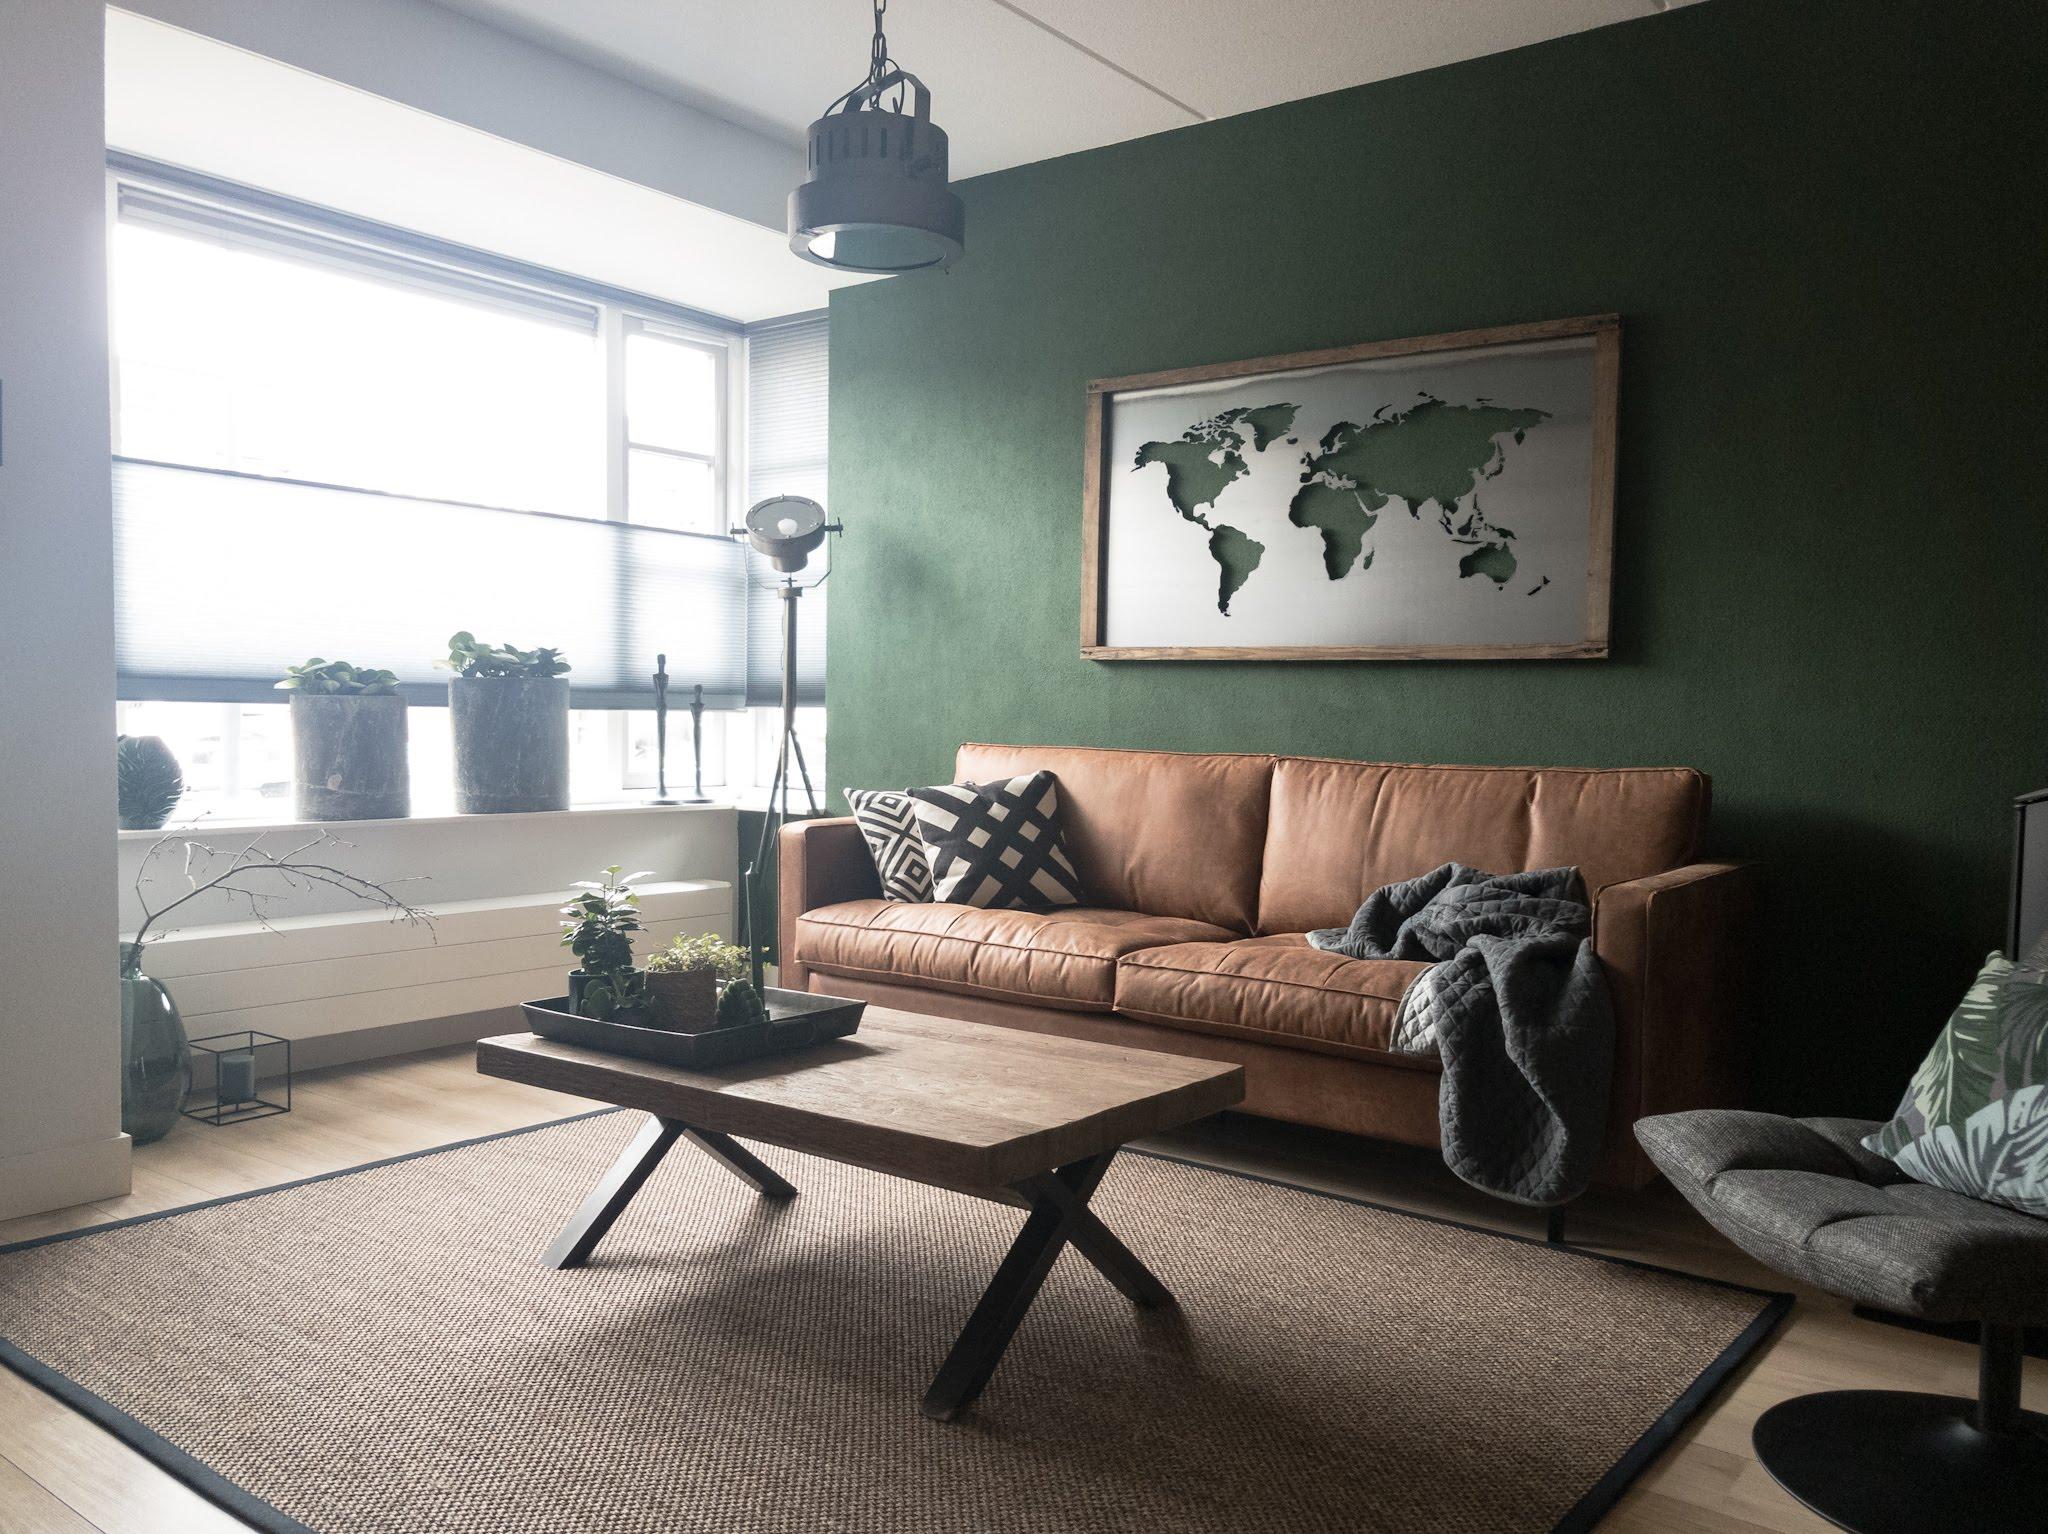 Portfolio interieur foto's woonkamer eethoek groen cognac stoer (2)